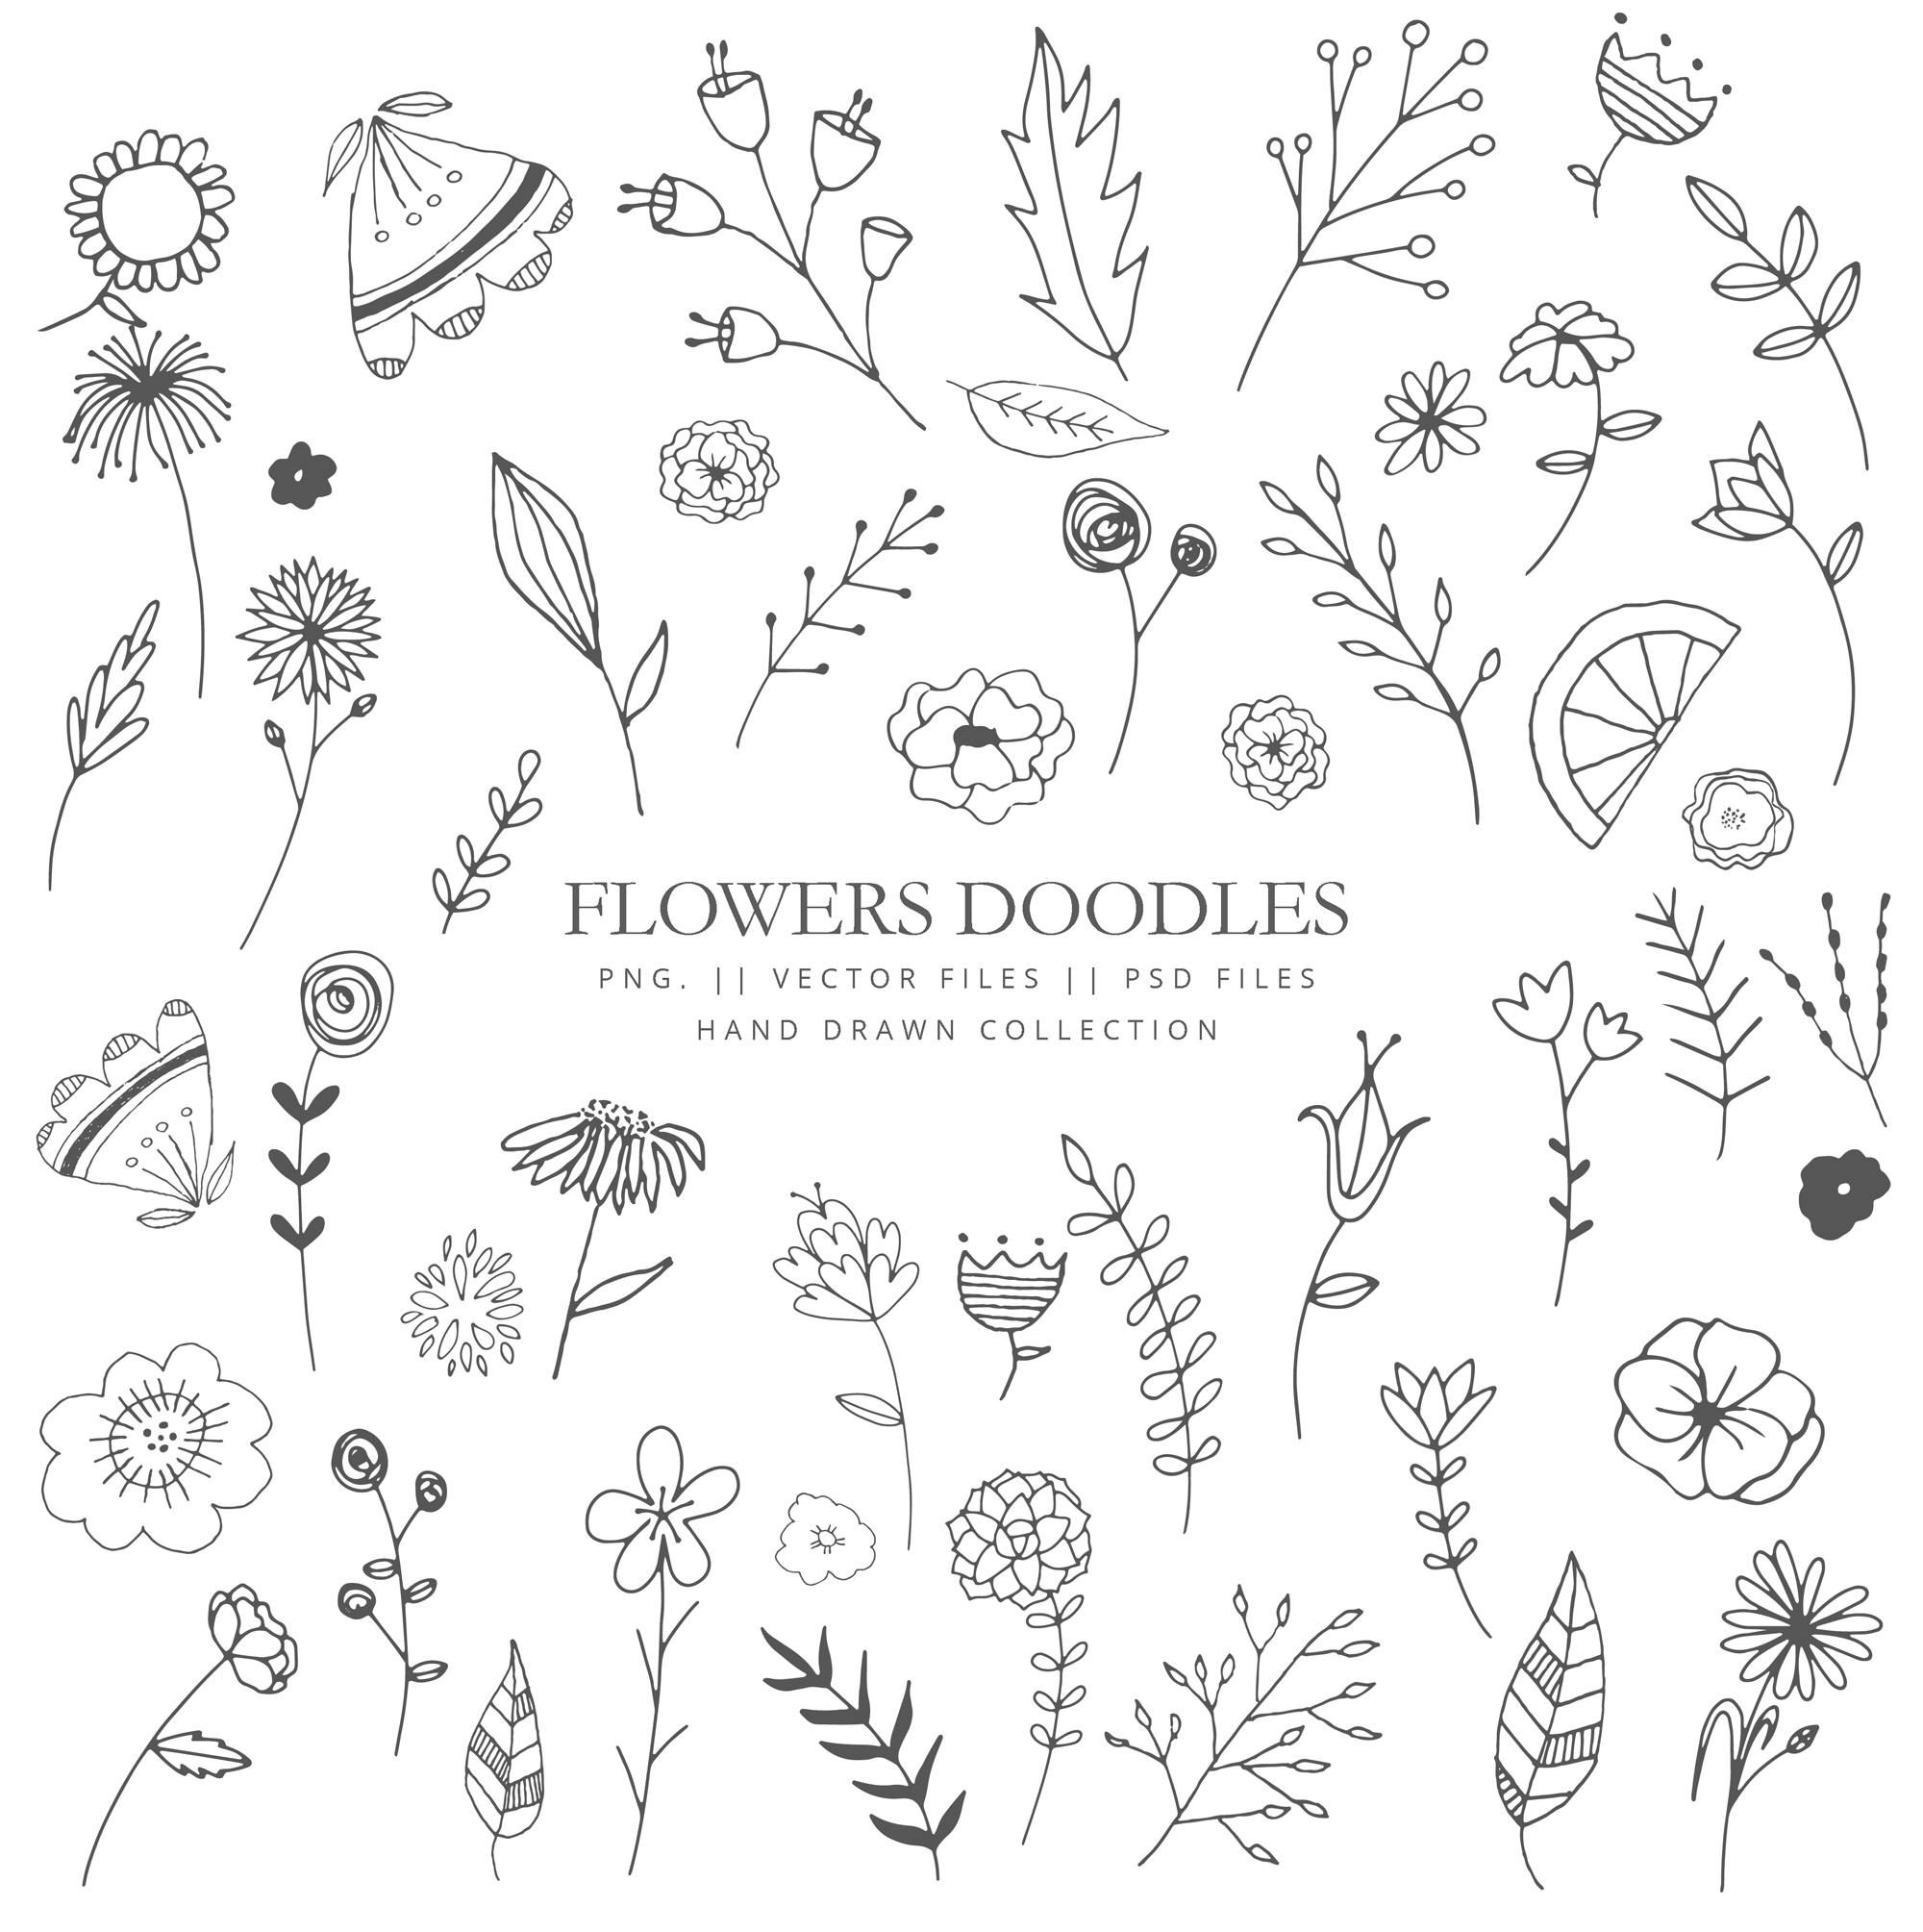 Clip Art With Doodle Flowers Leaves And Branches Hand Drawn Clipart Flowers Vector Branches Vector Doodle Flowers Lineart Flowers Manos Dibujo Doodles De Flores Flores Para Dibujar